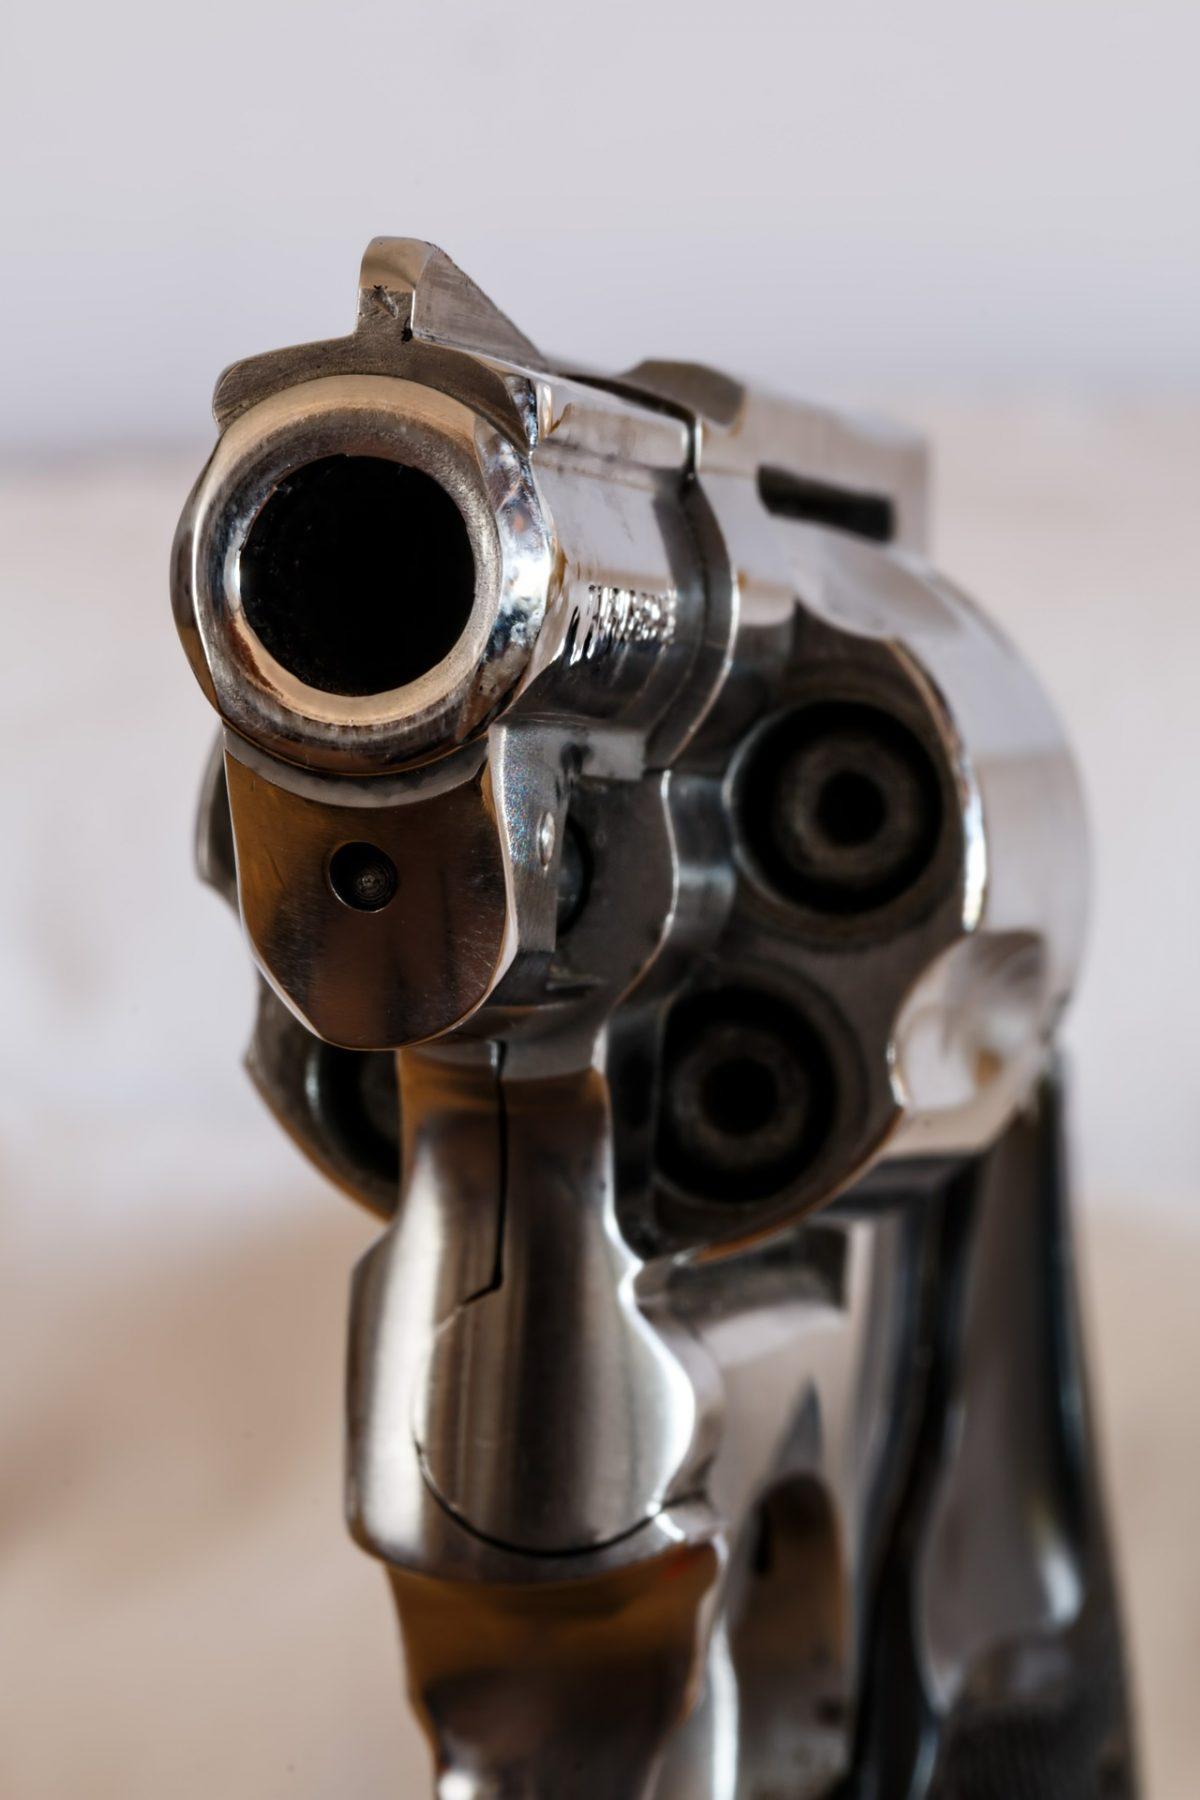 Preisverhandlung Harvard Prinzip kaltakquise 7 sieben Schritte Erfolg Verkaufen Ulrike Knauer Gespräch Verhandlung Akquise Fragetechniken Pistole